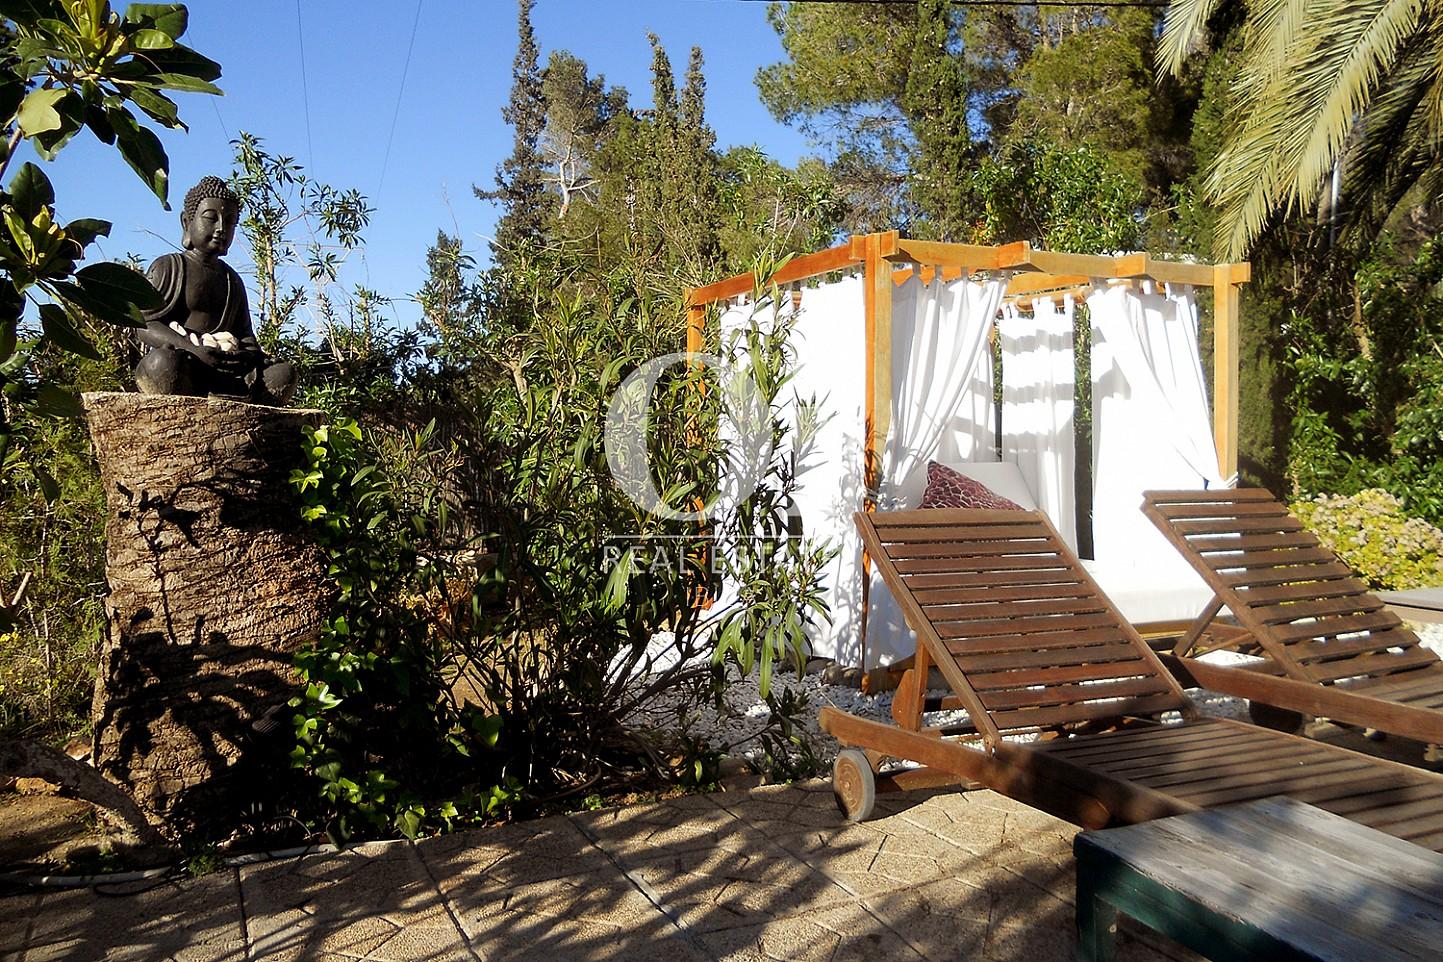 Blick auf den Chillout-Bereich der Villa zum Verkauf in Las Salinas, Ibiza